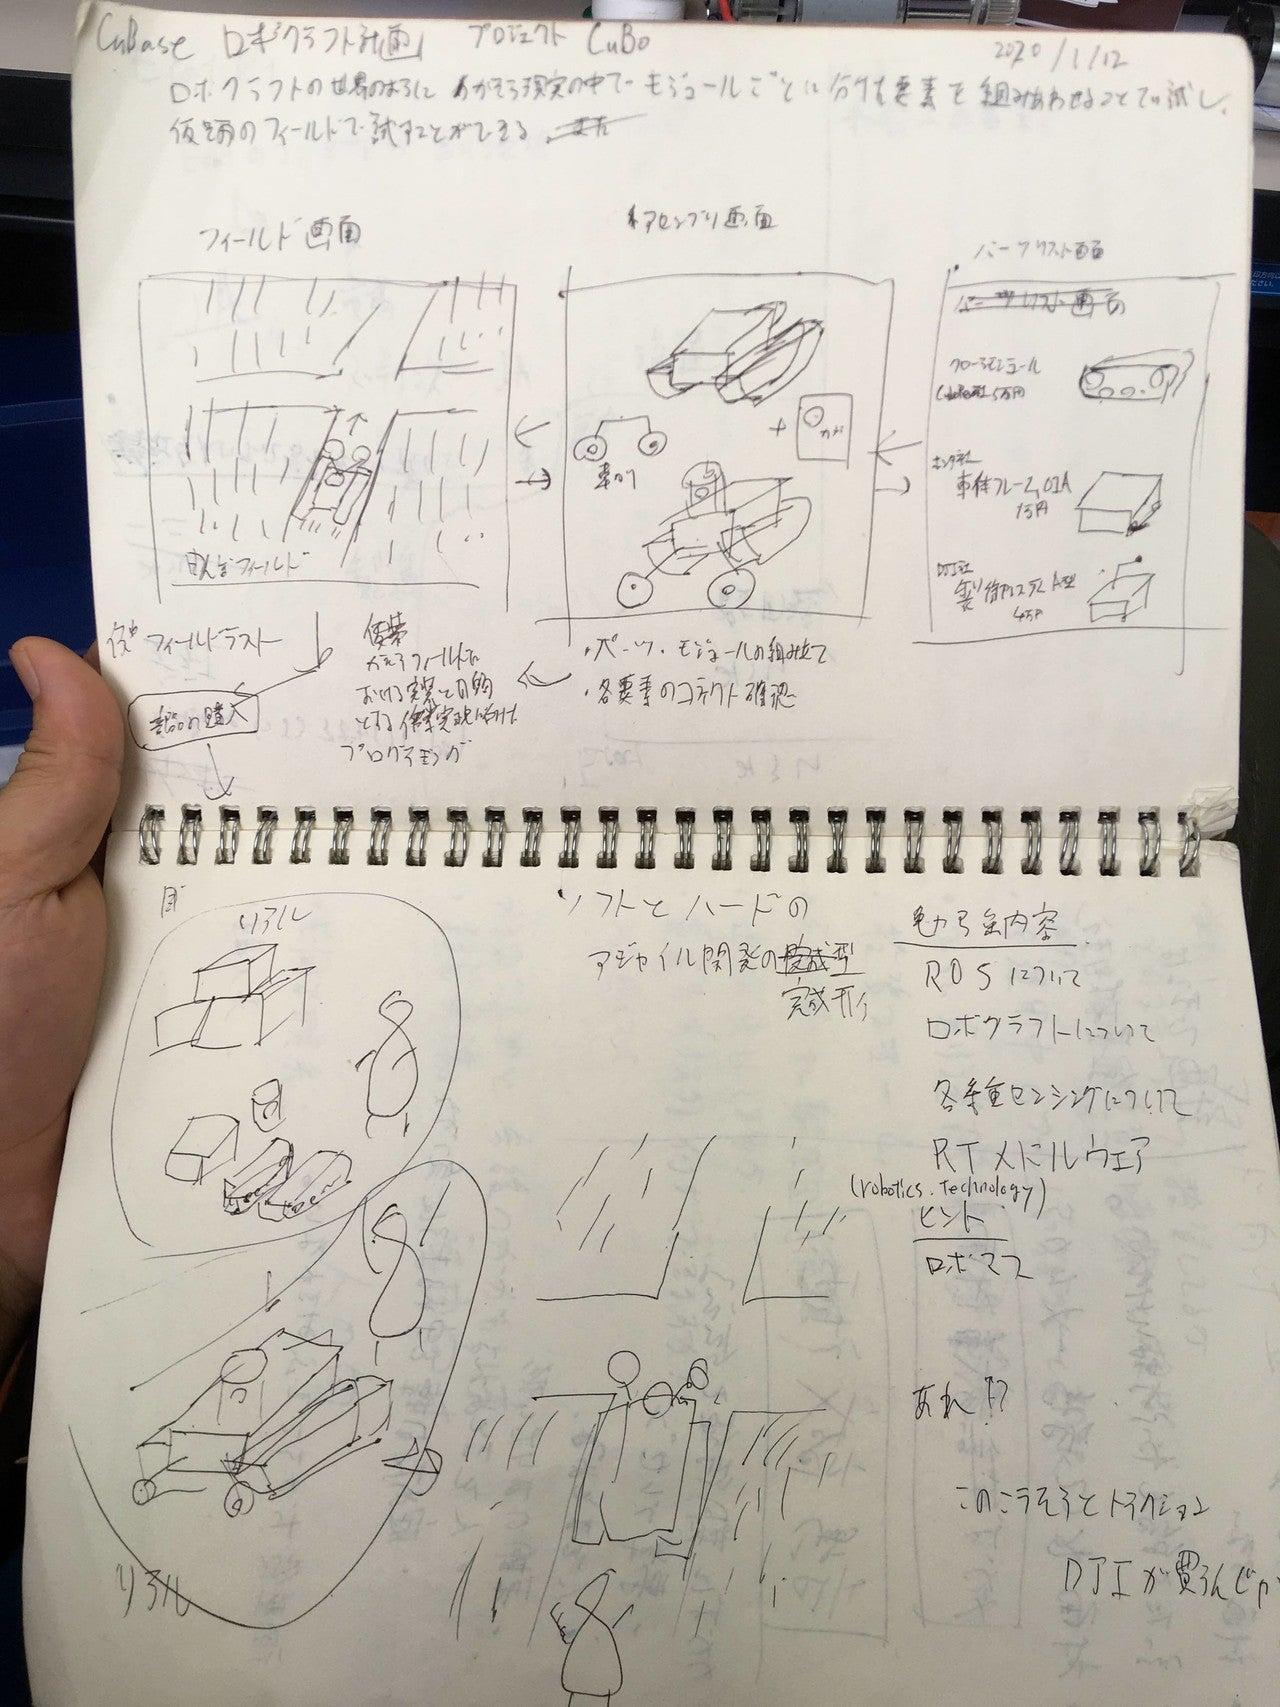 テラクラフト構想|寺嶋瑞仁@CuboRex,inc|note